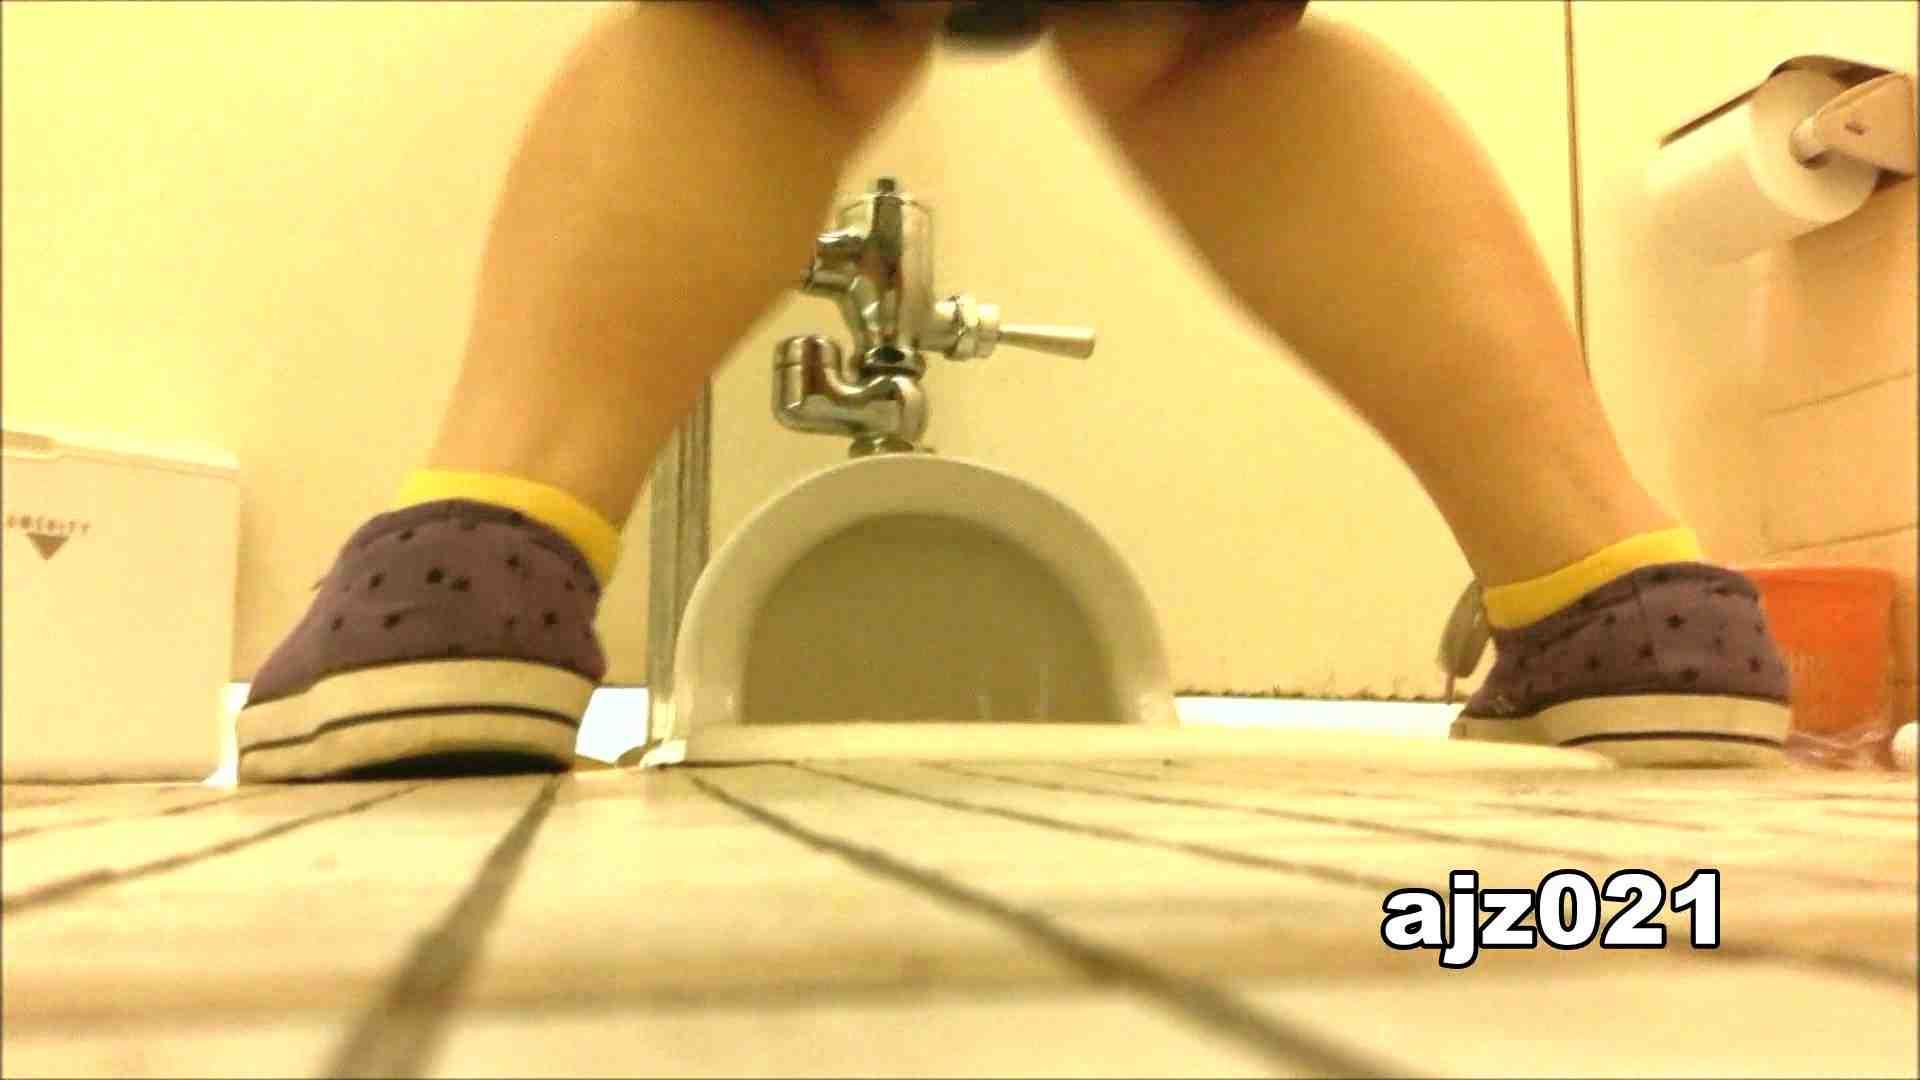 某有名大学女性洗面所 vol.21 排泄 おまんこ動画流出 92枚 55